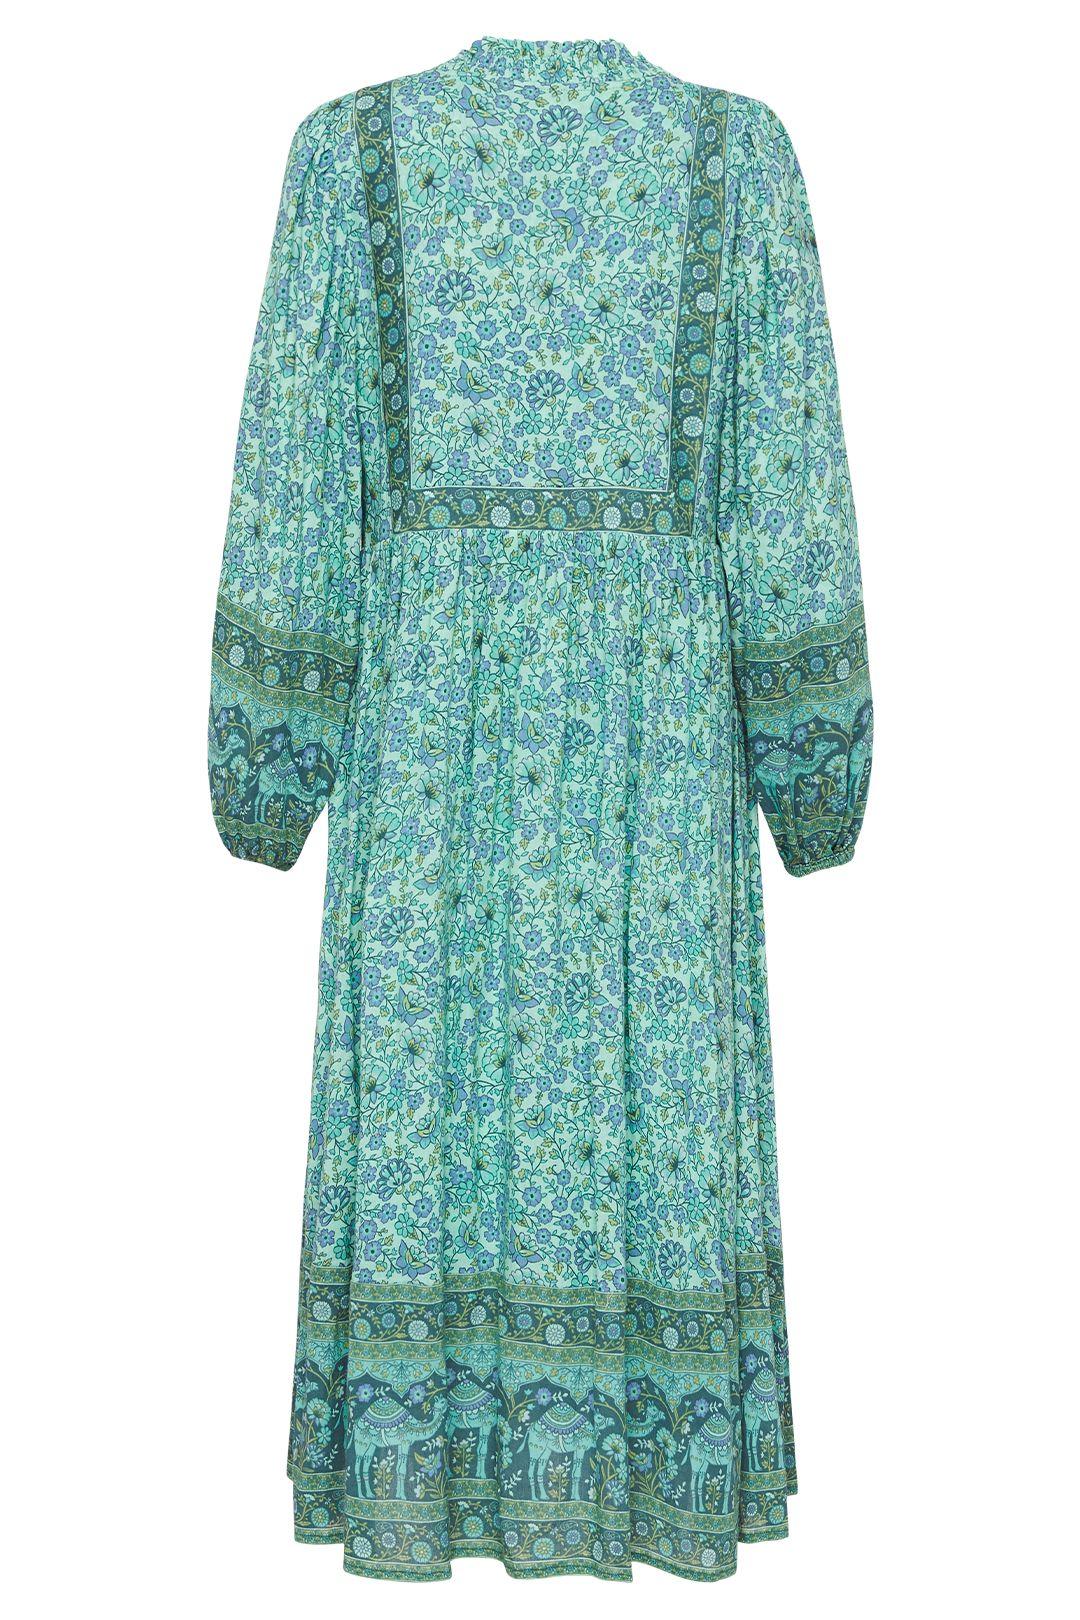 Spell Sundown Boho Dress Turquoise Full Skirt